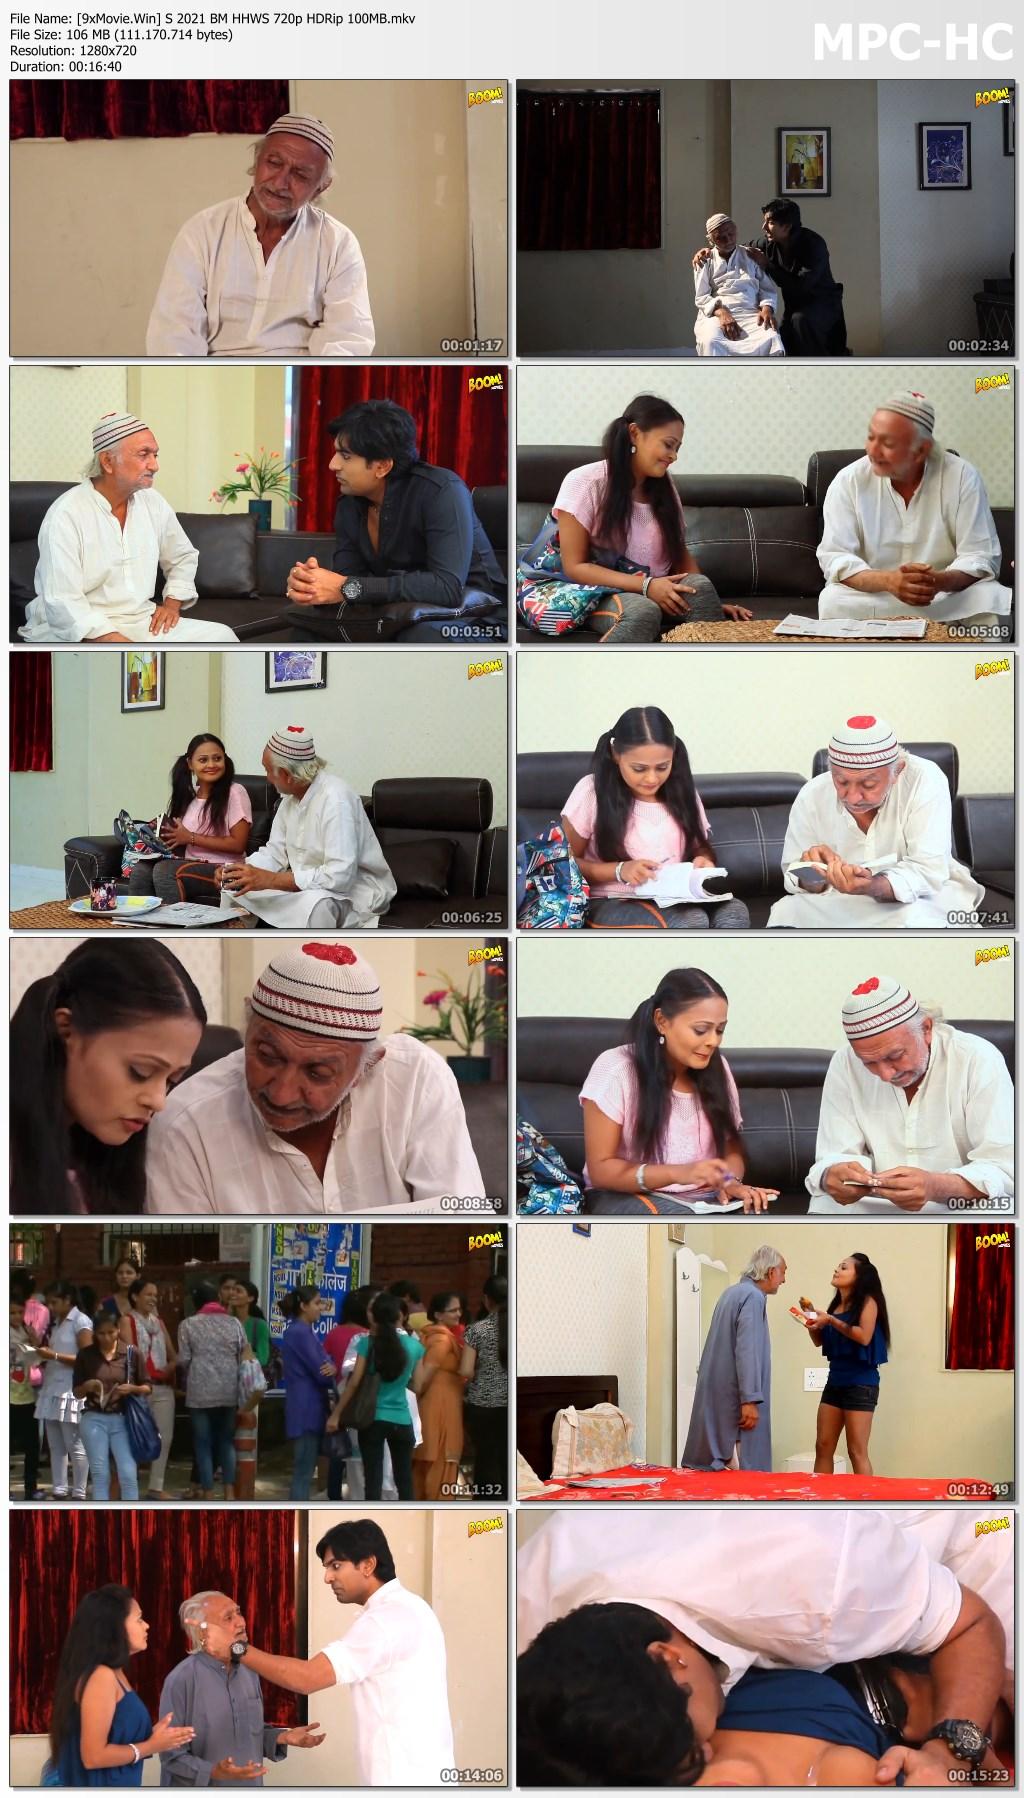 Salma 2021 BoomMovies Hindi Hot Web Series 720p HDRip x264 100MB